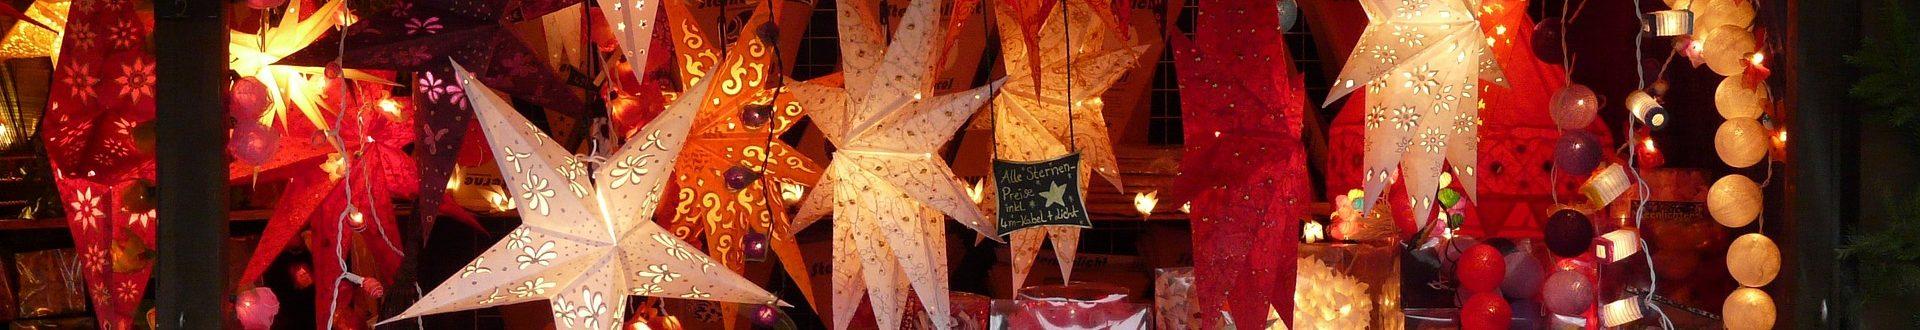 Kerstmarkt busreizen met Veenstra Reizen